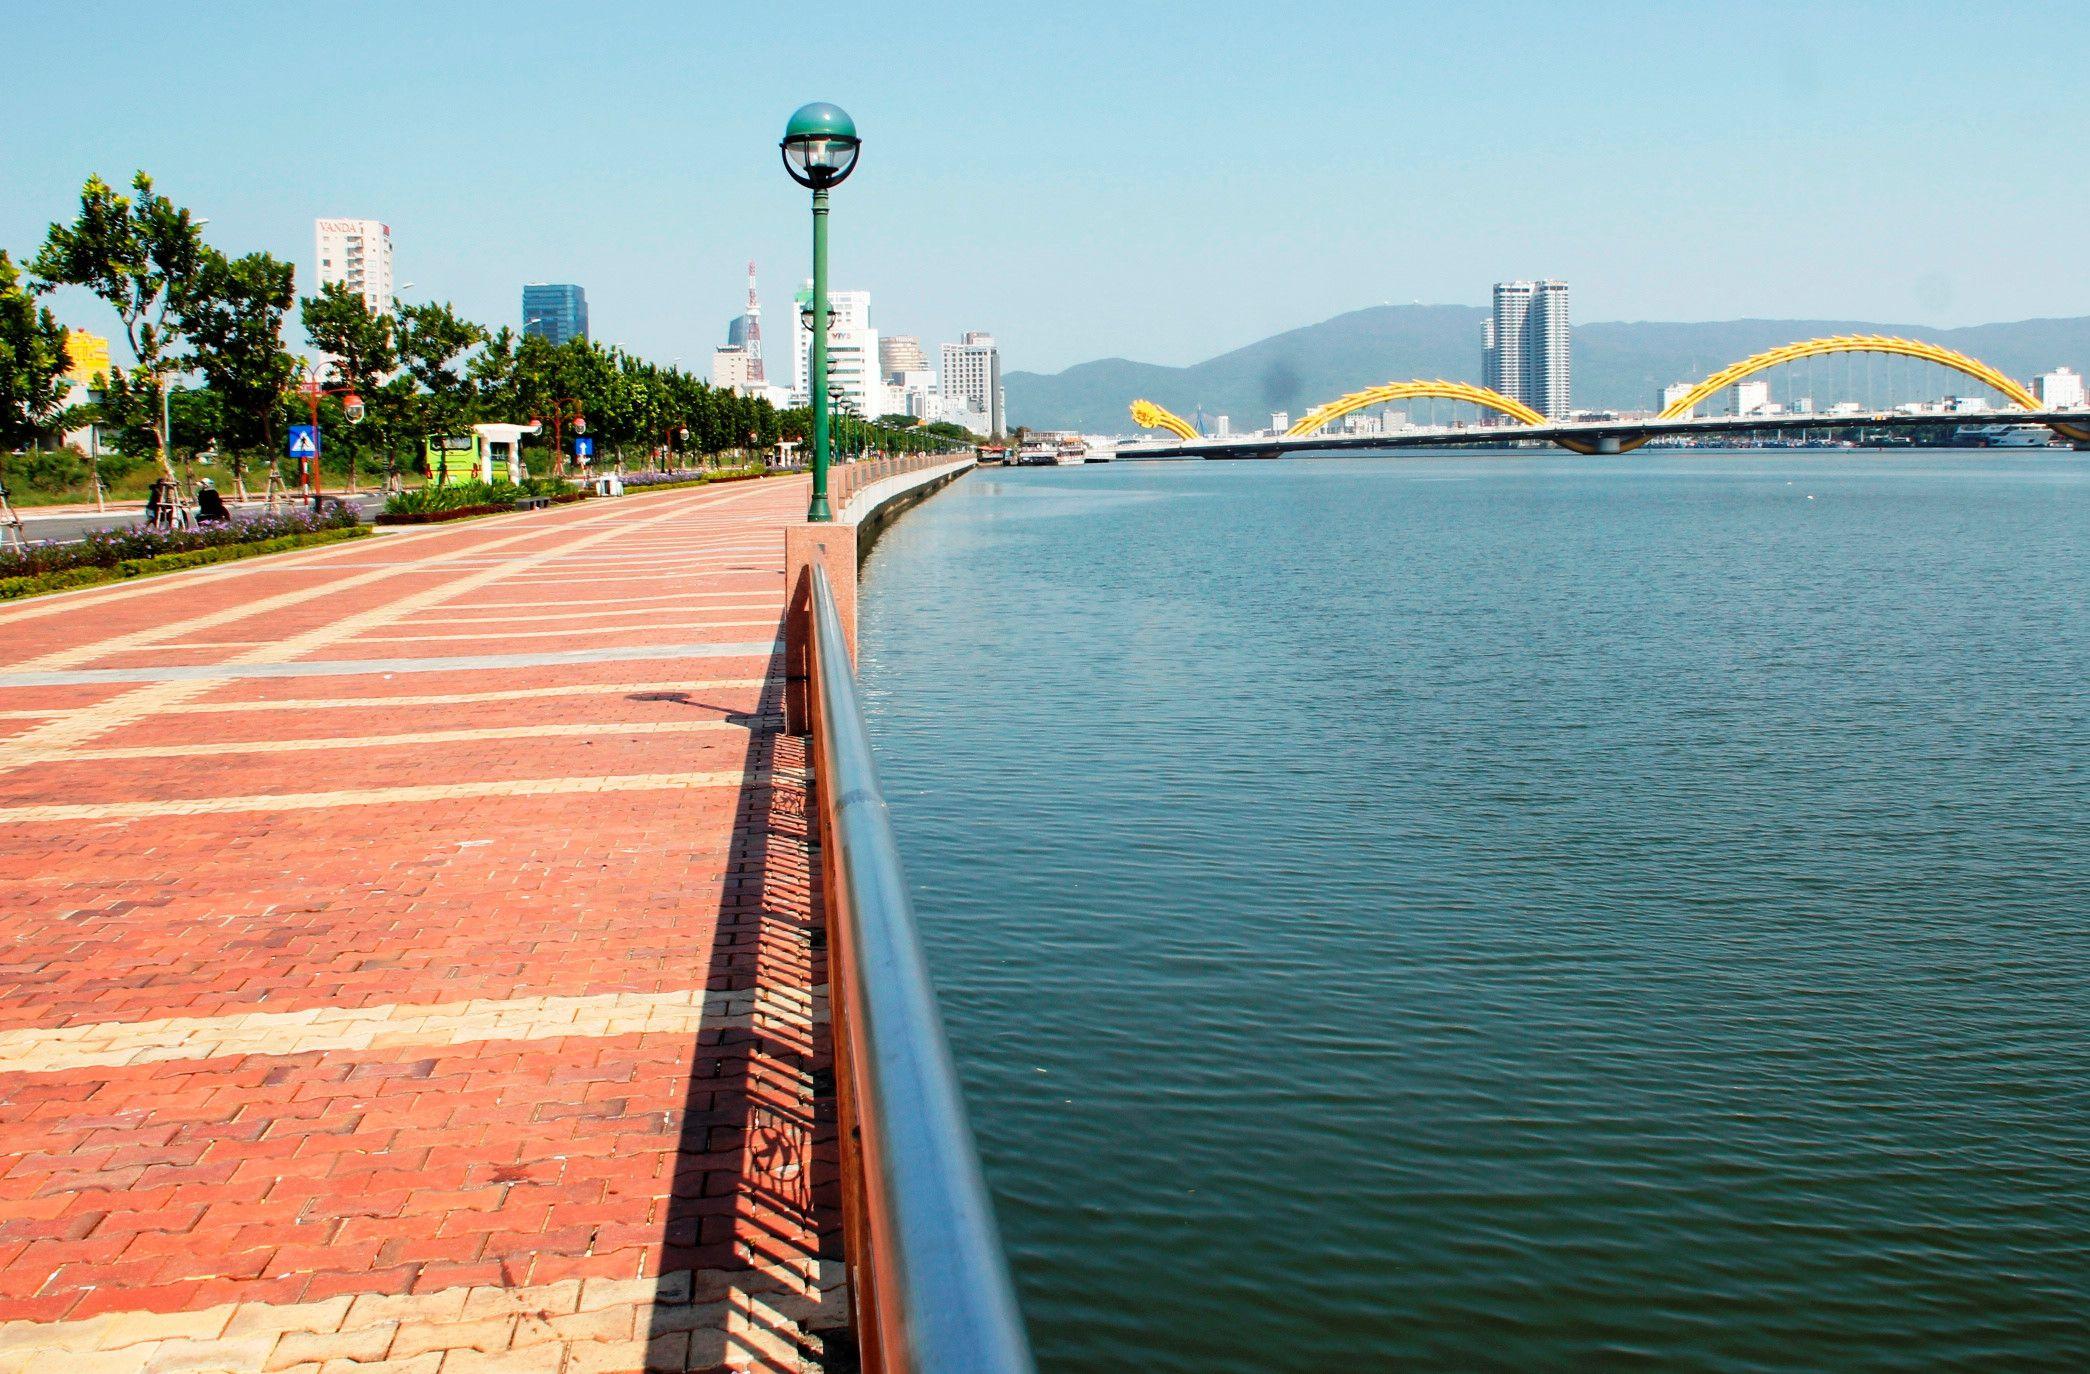 Cận cảnh khu đất tuyệt đẹp bên sông Hàn sắp thành phố đi bộ, chợ đêm Ảnh 7